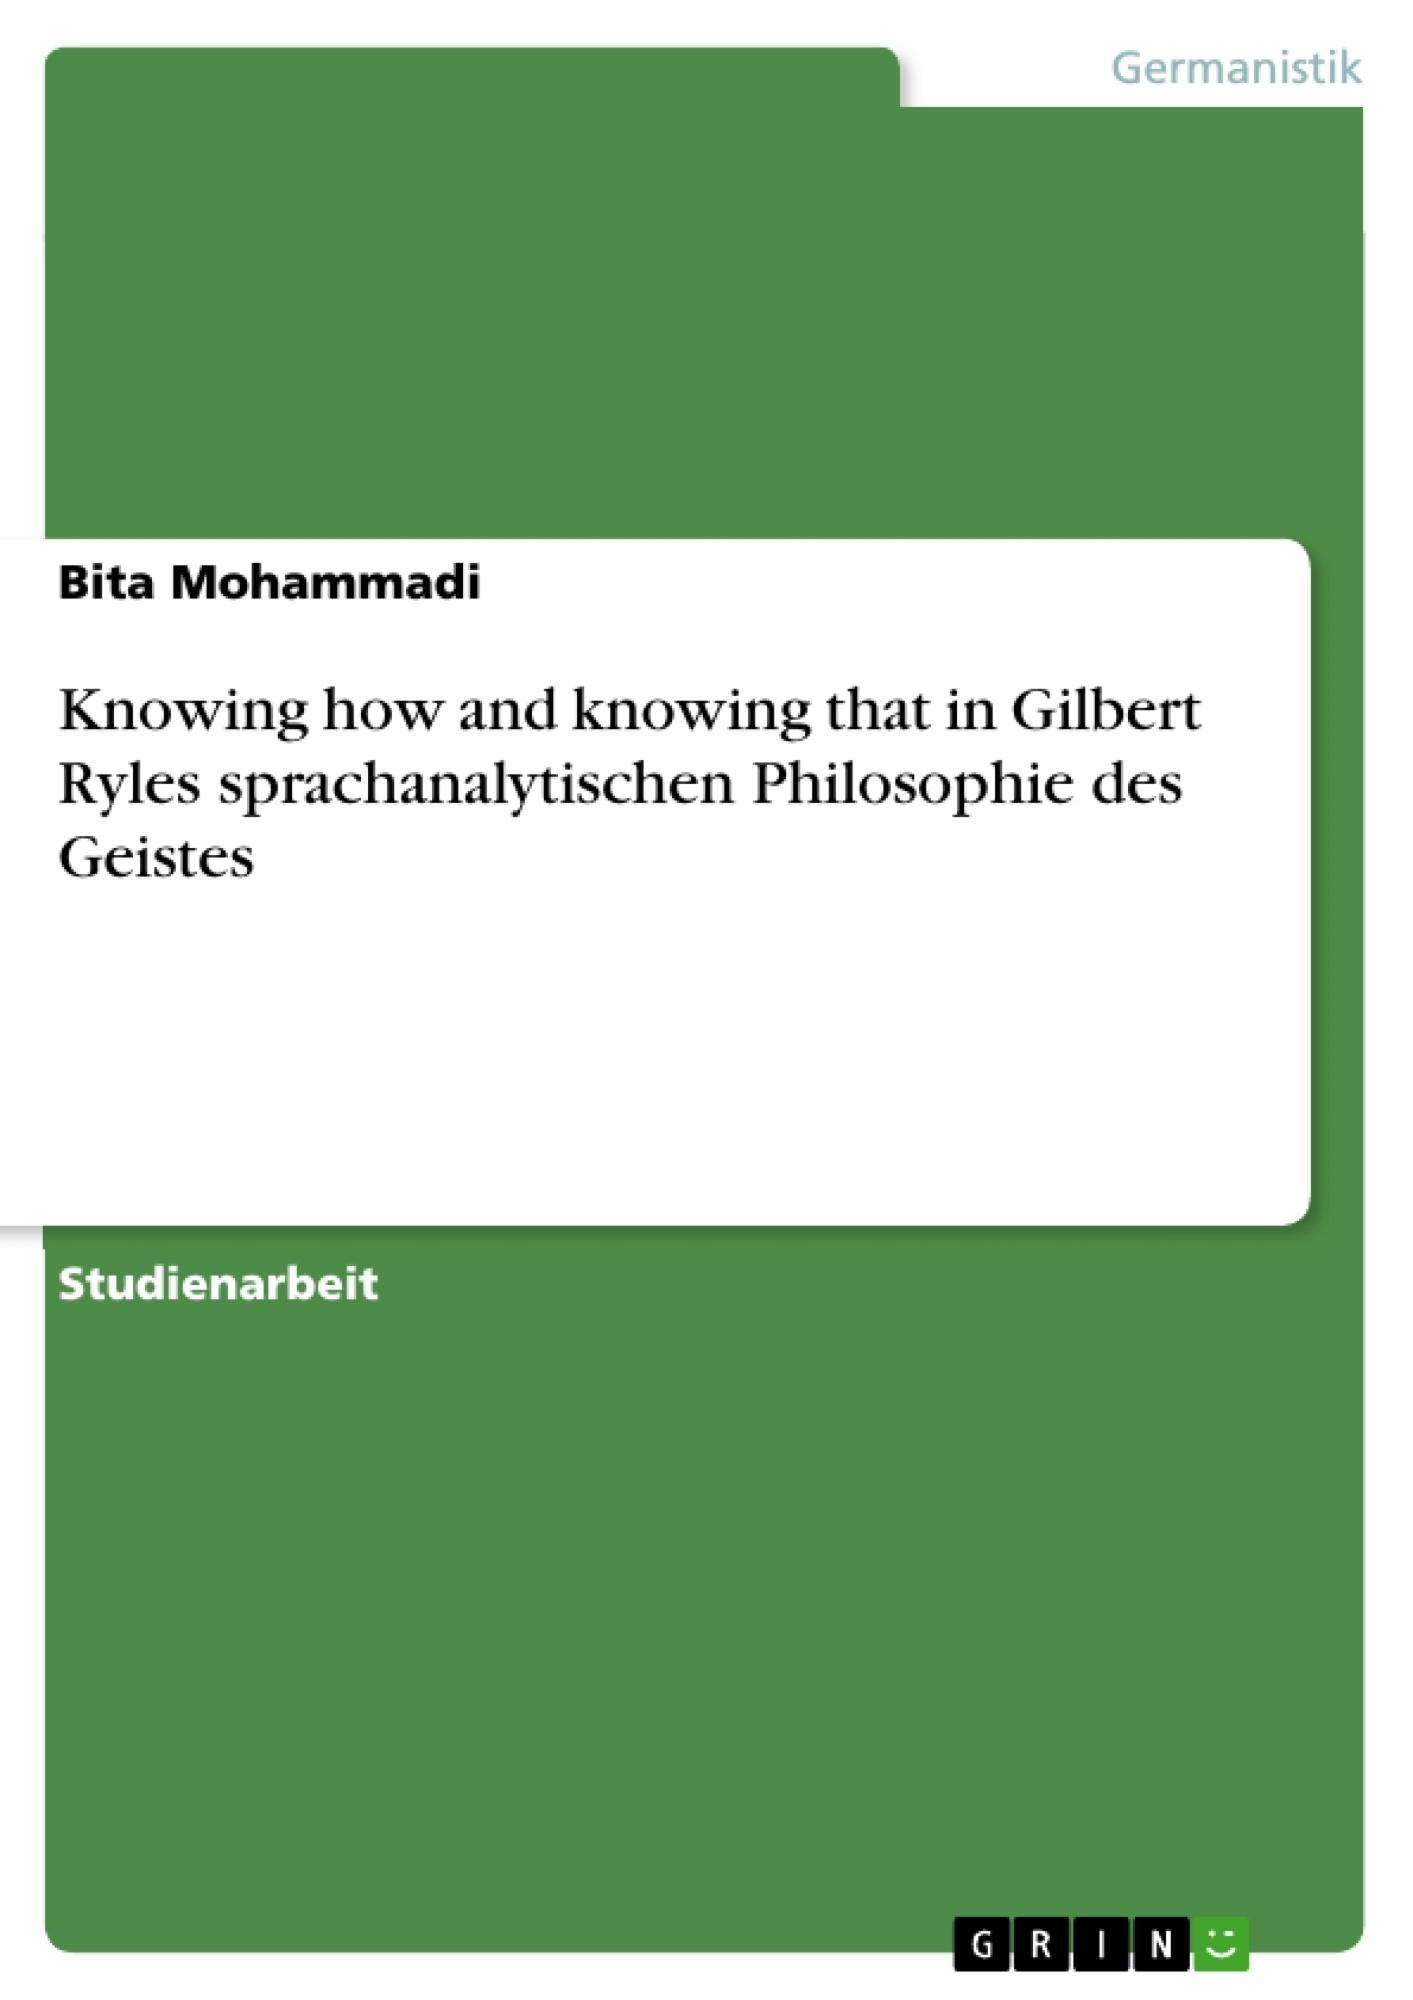 Titel: Knowing how  and  knowing that in Gilbert Ryles sprachanalytischen Philosophie des Geistes